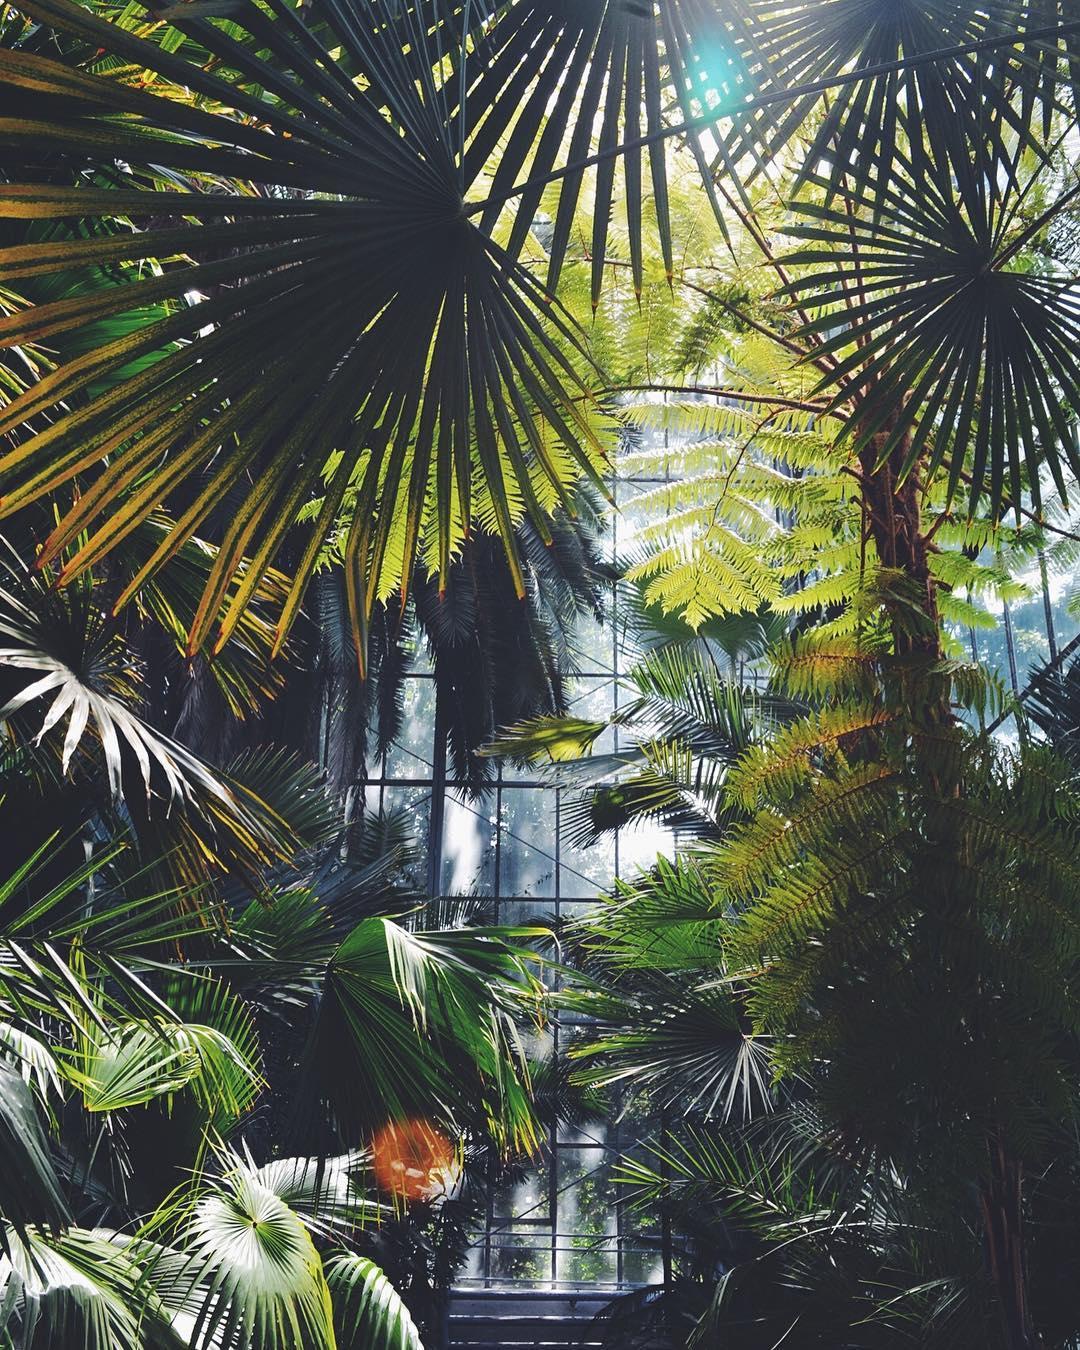 palmieri gradina botanica cj